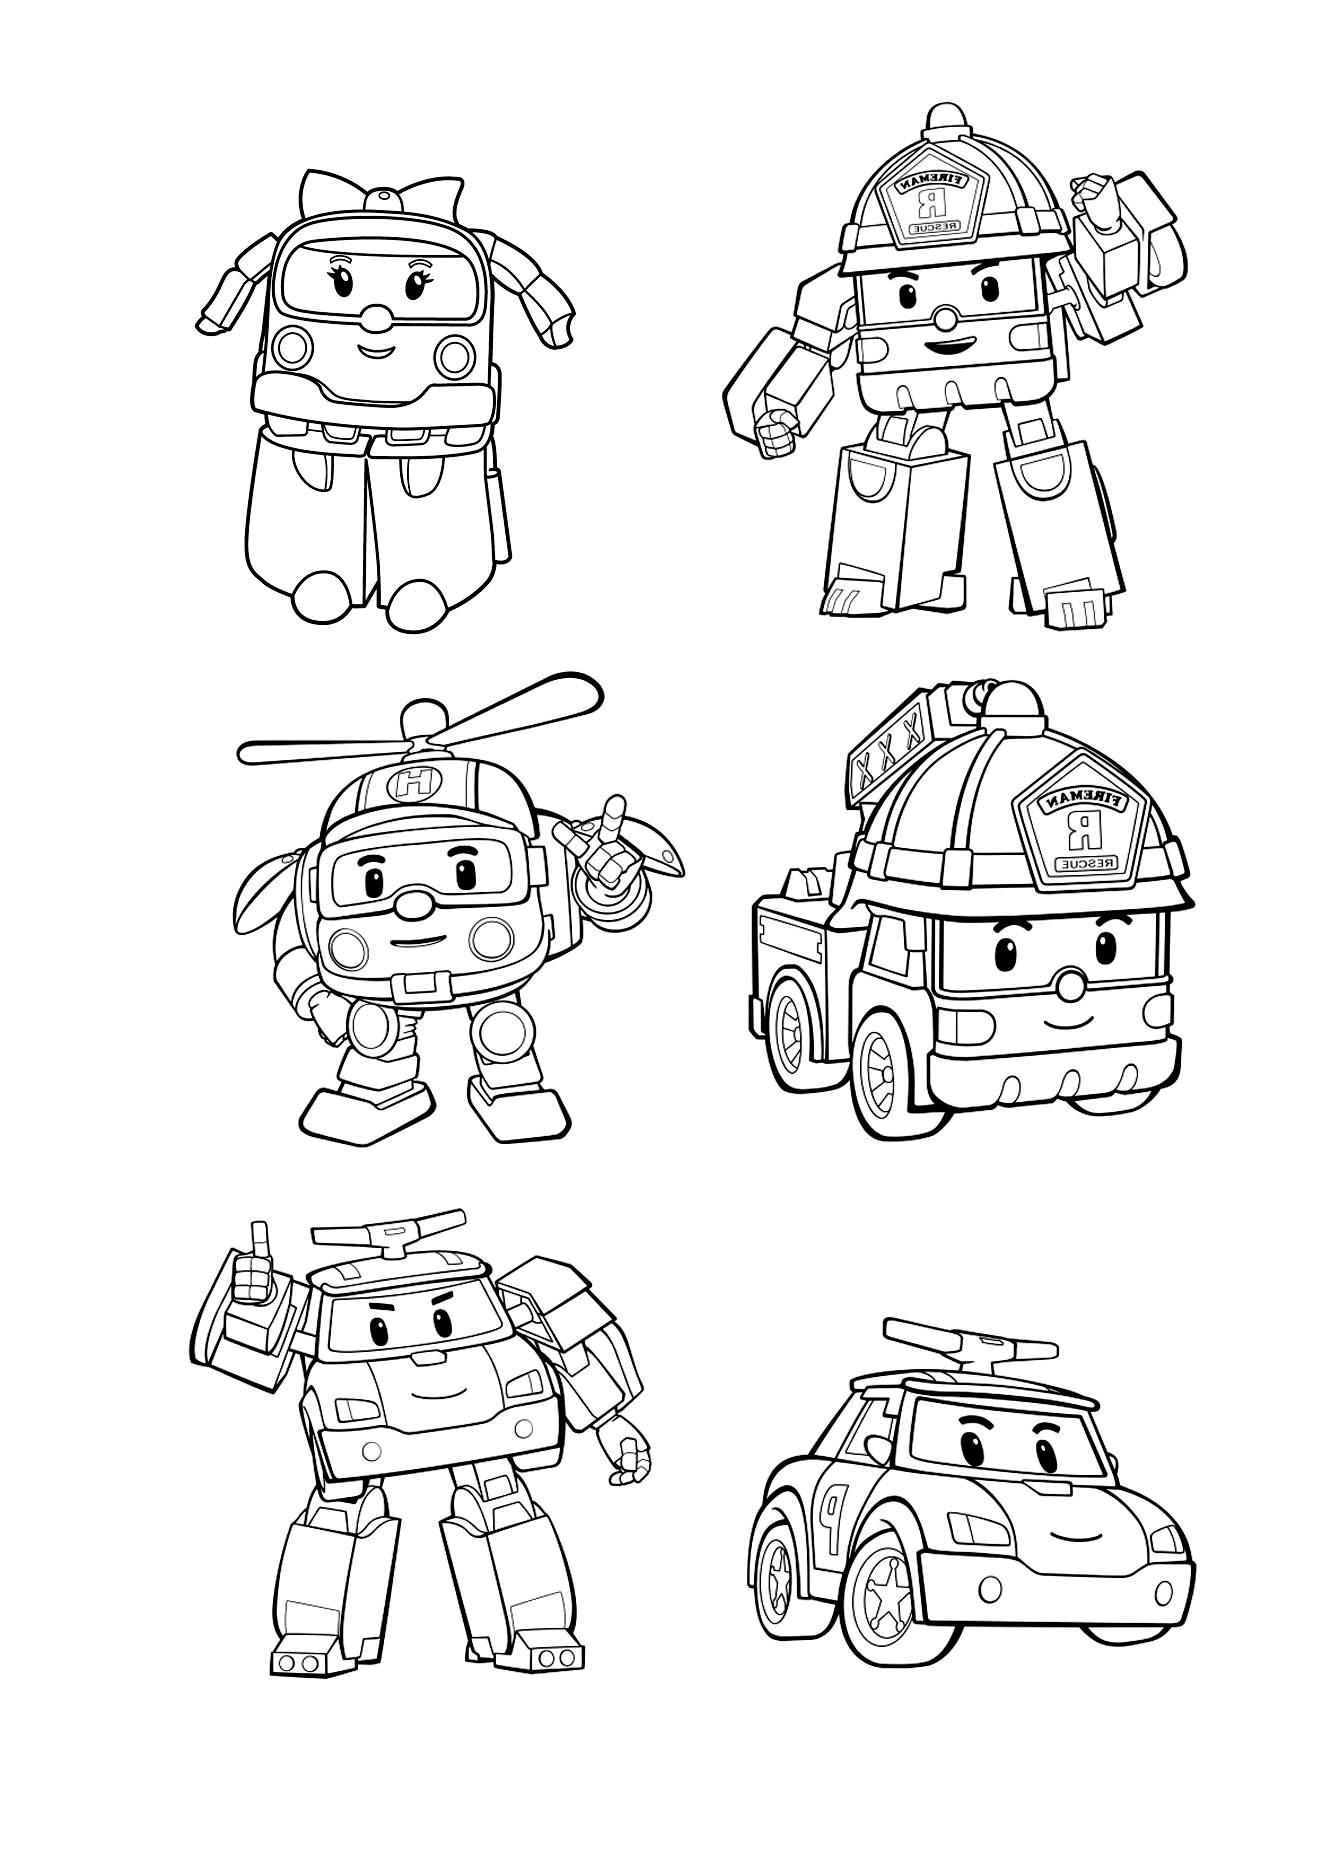 3 dessins de coloriage robocar poli gratuit imprimer - Coloriage de cars gratuit ...